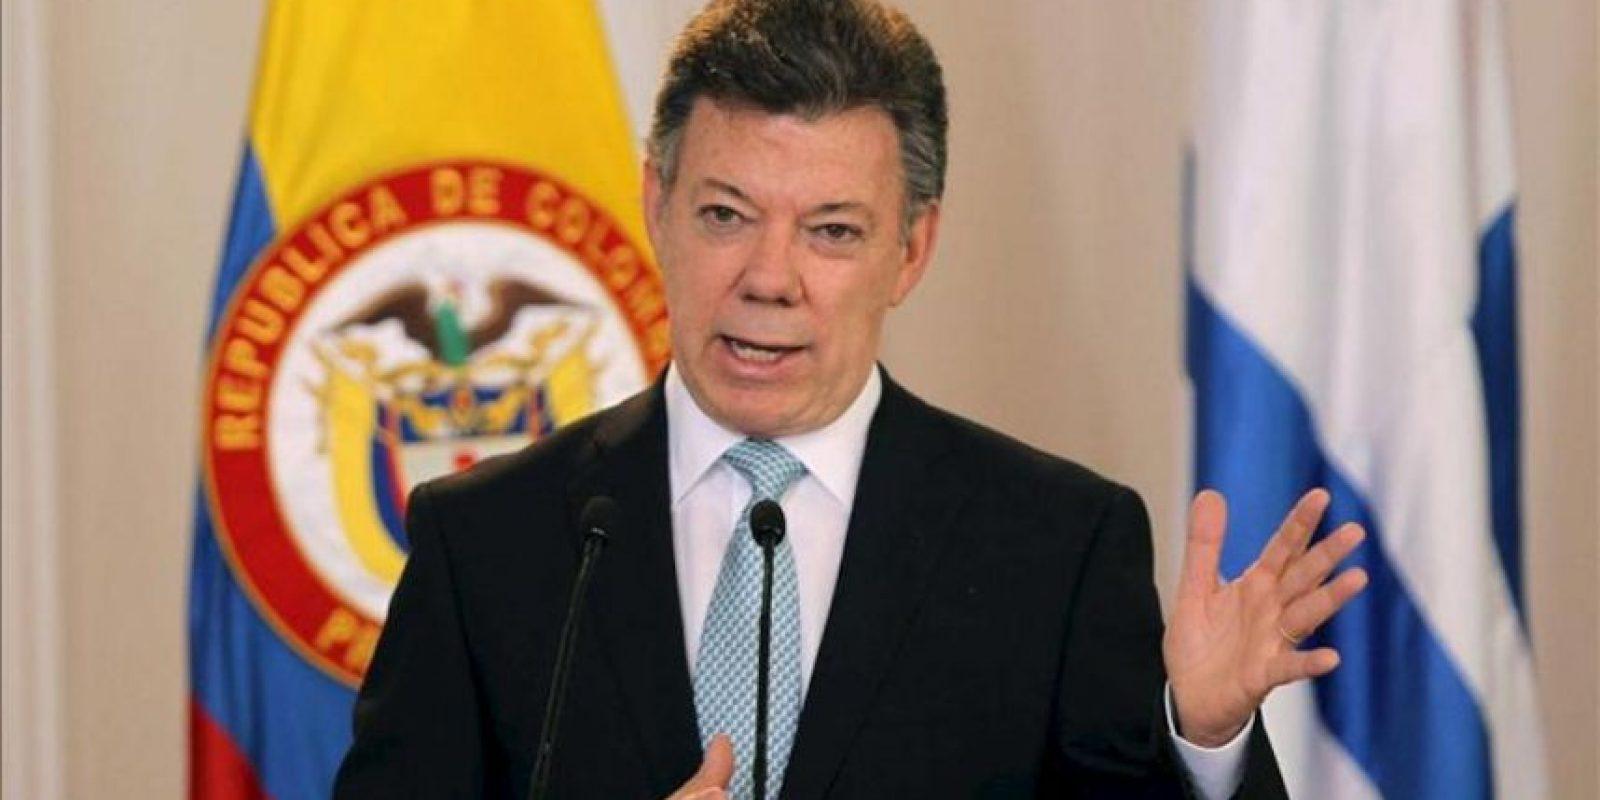 En la imagen, el presidente colombiano, Juan Manuel Santos. EFE/Archivo